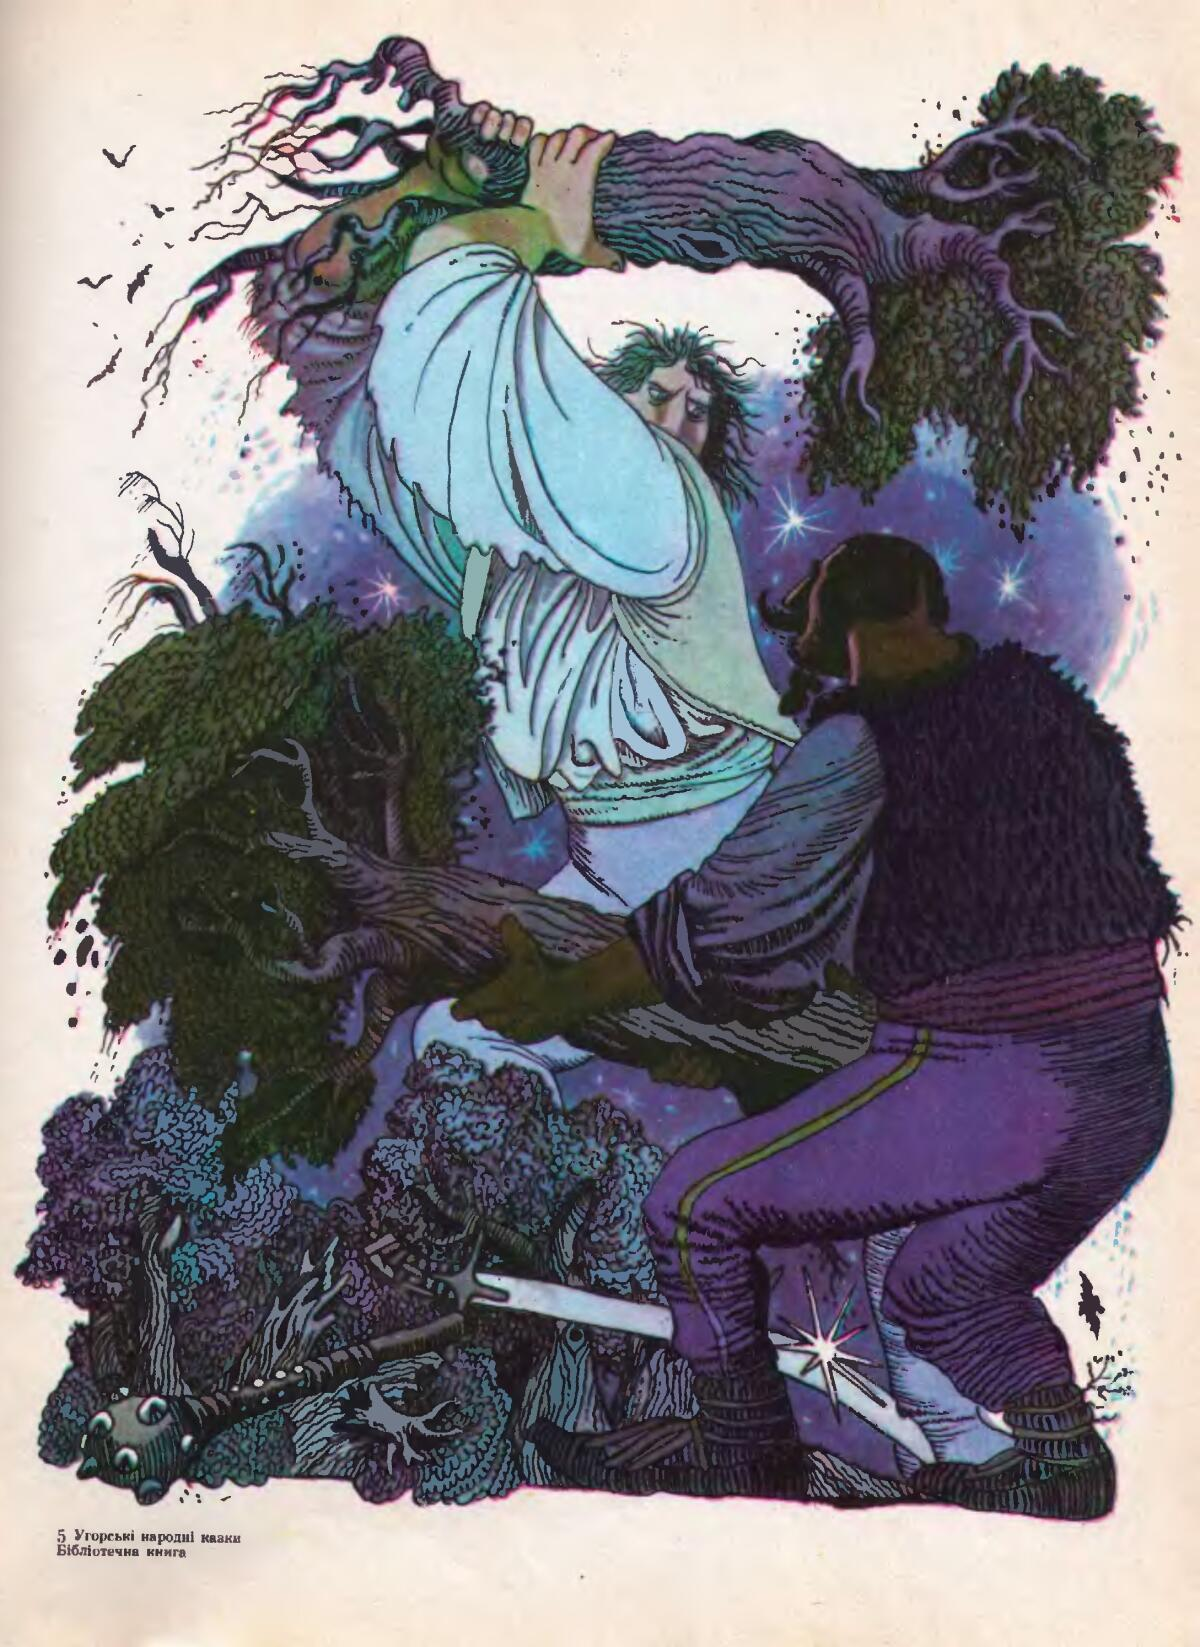 Сказка «Швец и великаны», иллюстрация из книги «Угорські народні казки»